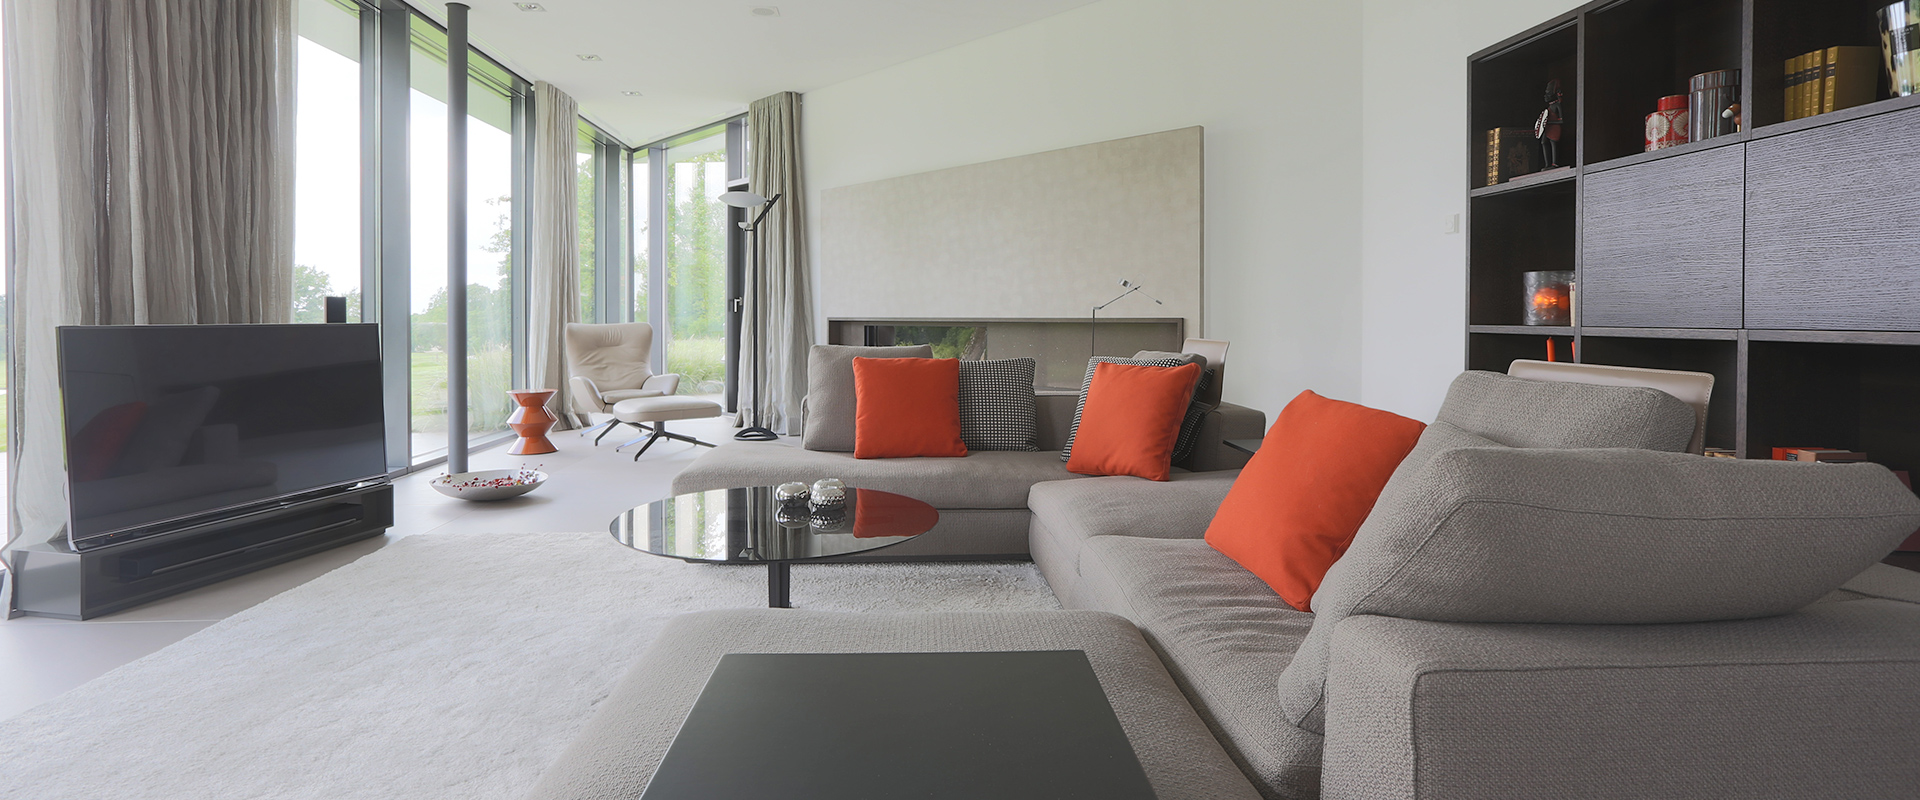 Hans G. Bock steht für hochwertige Inneneinrichtungen: moderne Farben und klassisches Design.